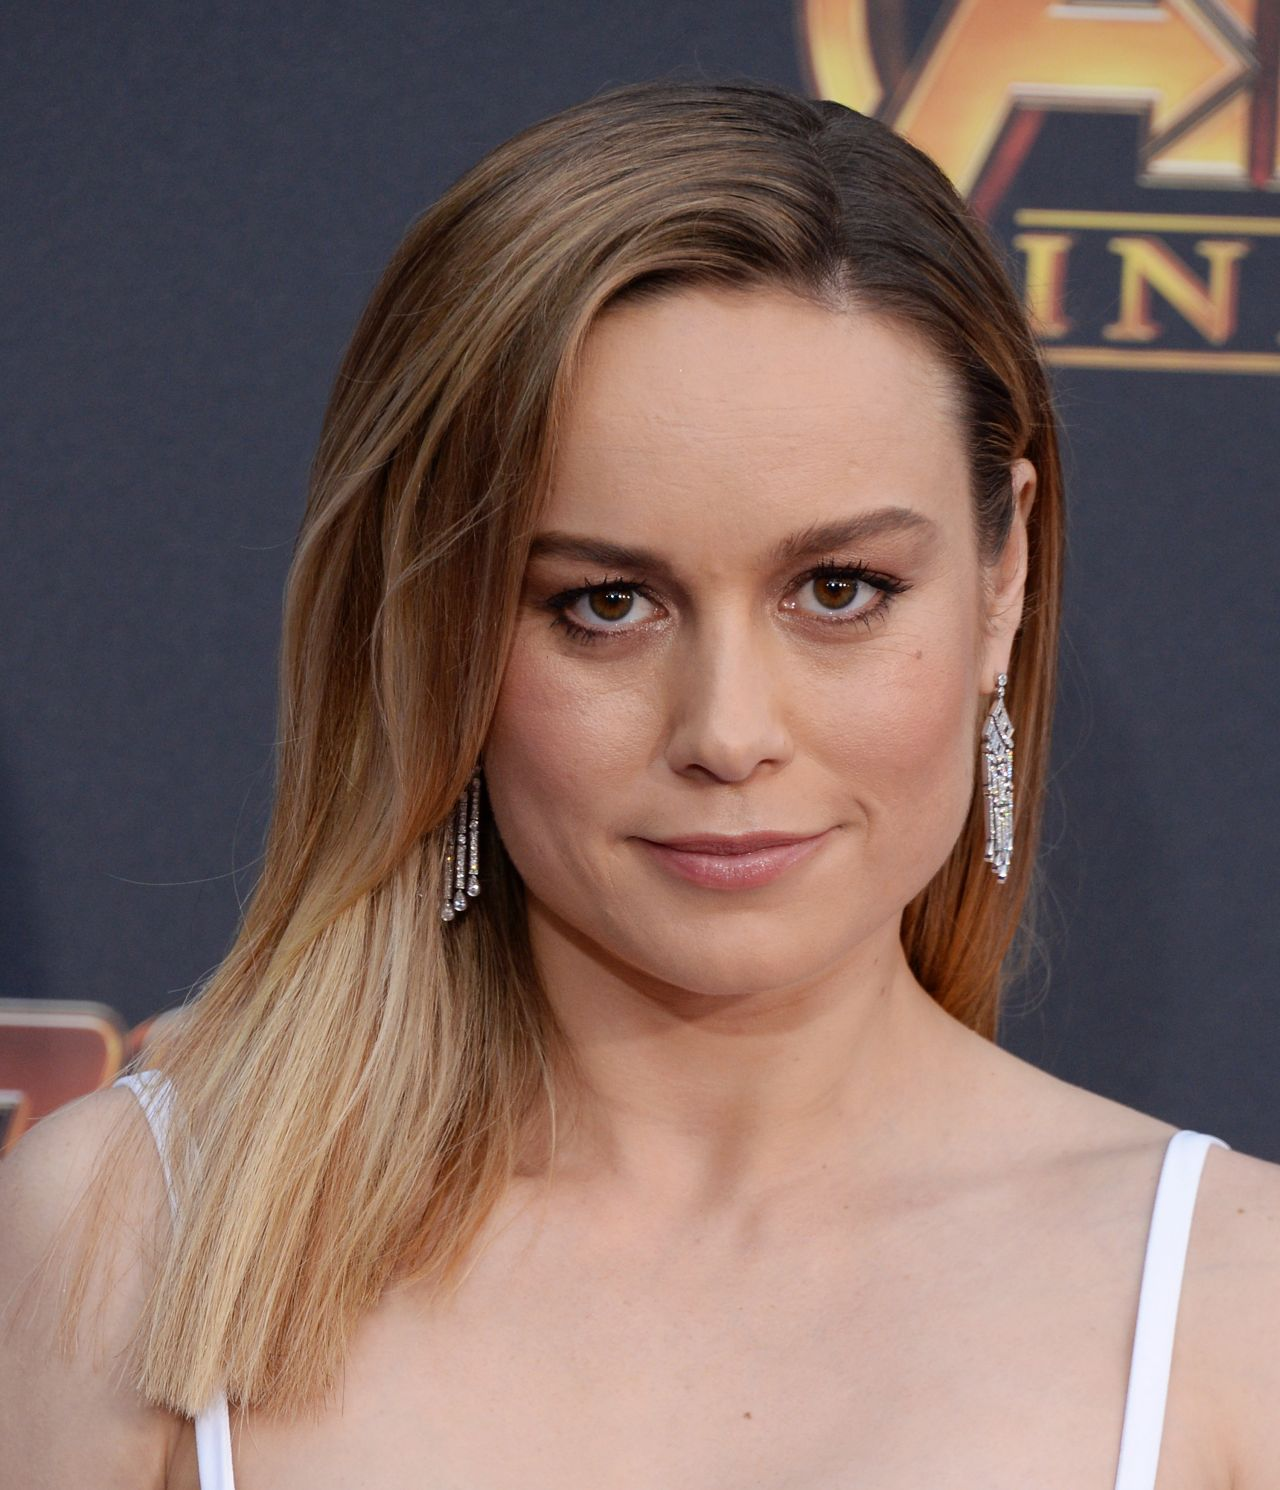 Brie Larson Avengers Infinity War Premiere In La